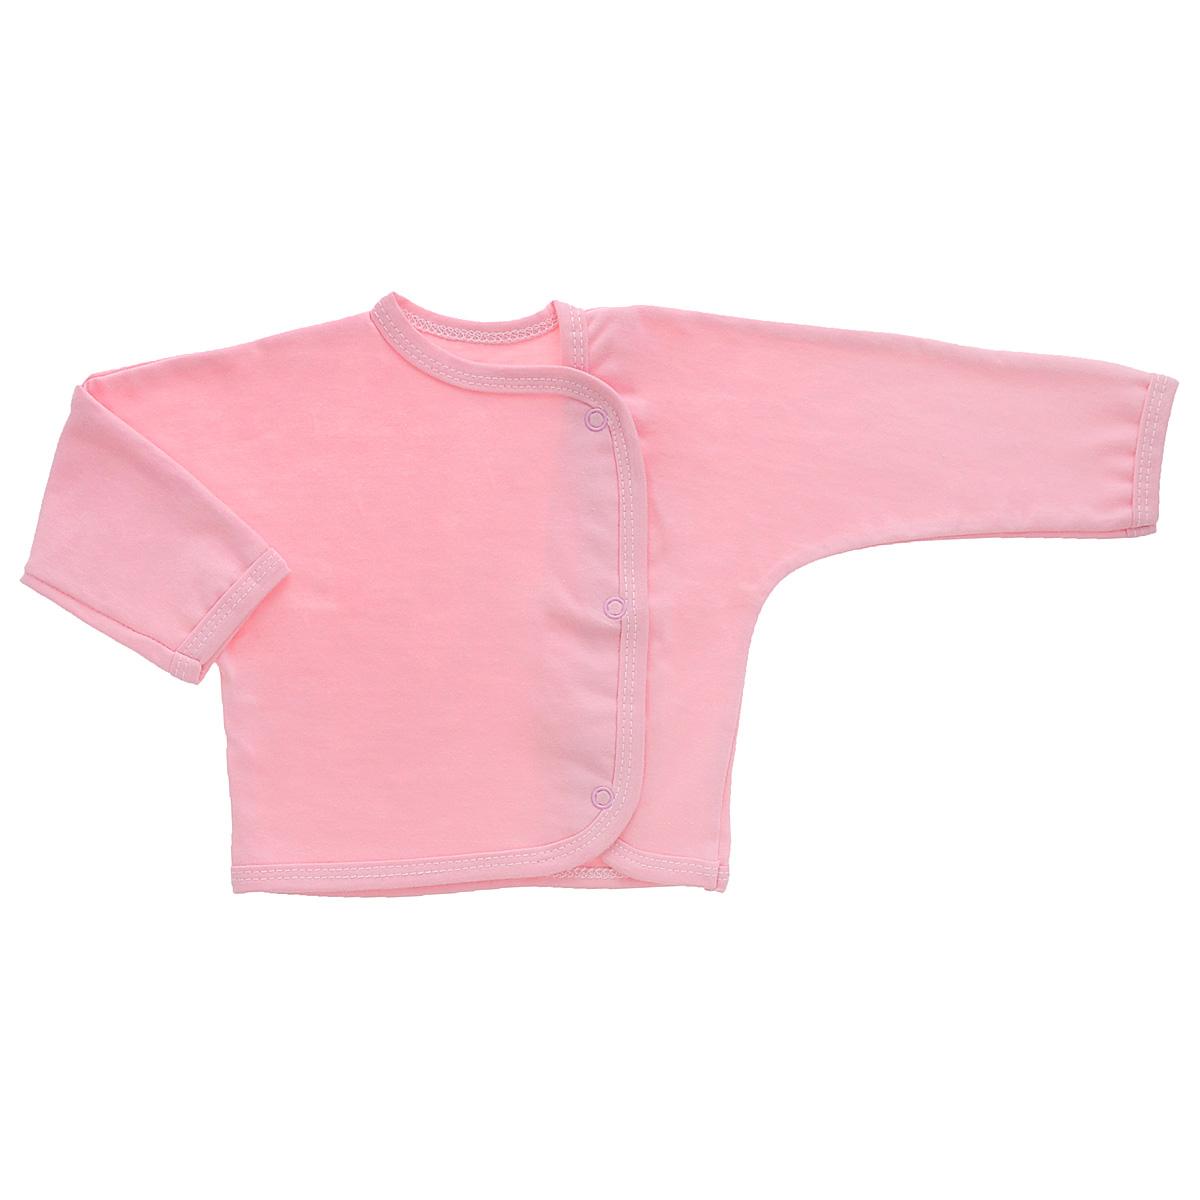 Кофточка Трон-плюс, цвет: розовый. 5153. Размер 56, 1 месяц5153Кофточка с длинными рукавами Трон-плюс послужит идеальным дополнением к гардеробу младенца. Кофточка выполнена из кулирного полотна - натурального хлопка, благодаря чему она необычайно мягкая и легкая, не раздражает нежную кожу ребенка и хорошо вентилируется, а эластичные швы приятны телу малыша и не препятствуют его движениям. Кофточка застегивается спереди по всей длине при помощи кнопок, позволяют без труда переодеть ребенка.